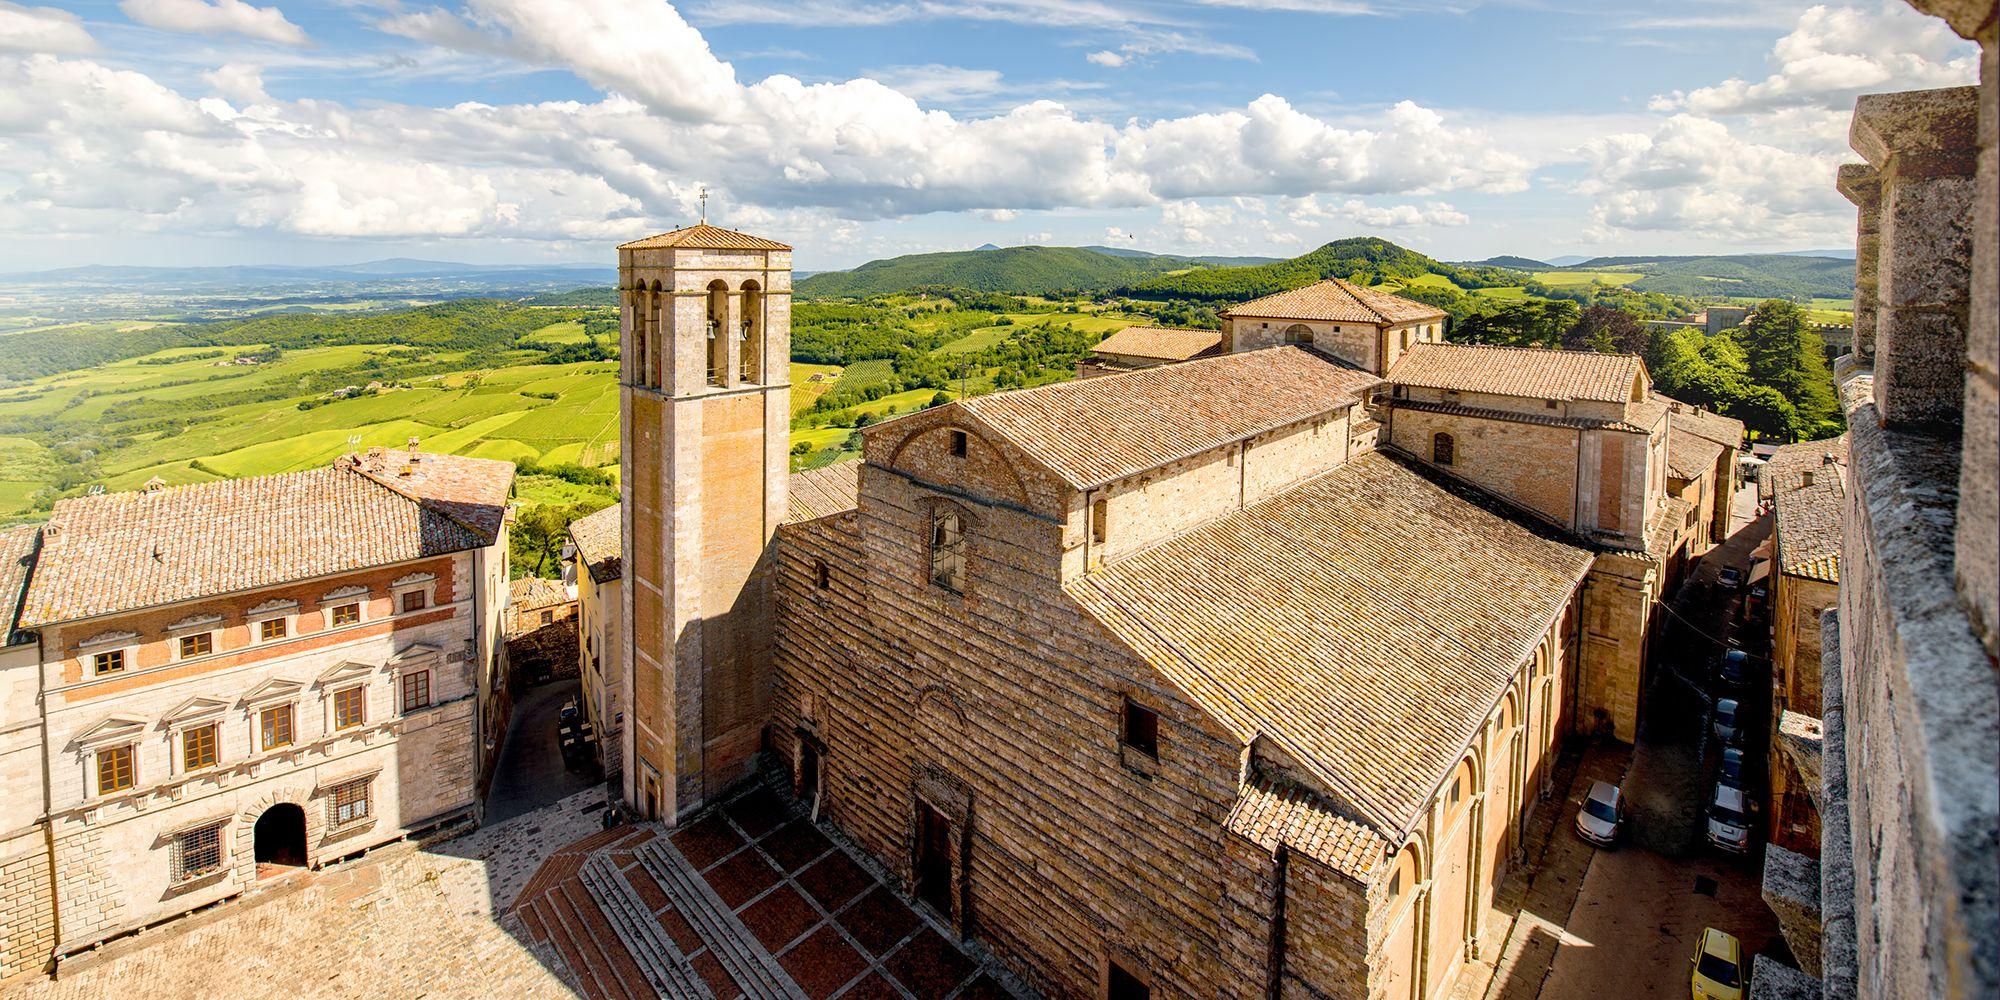 Montepulciano -Tuscany, Italy wine region